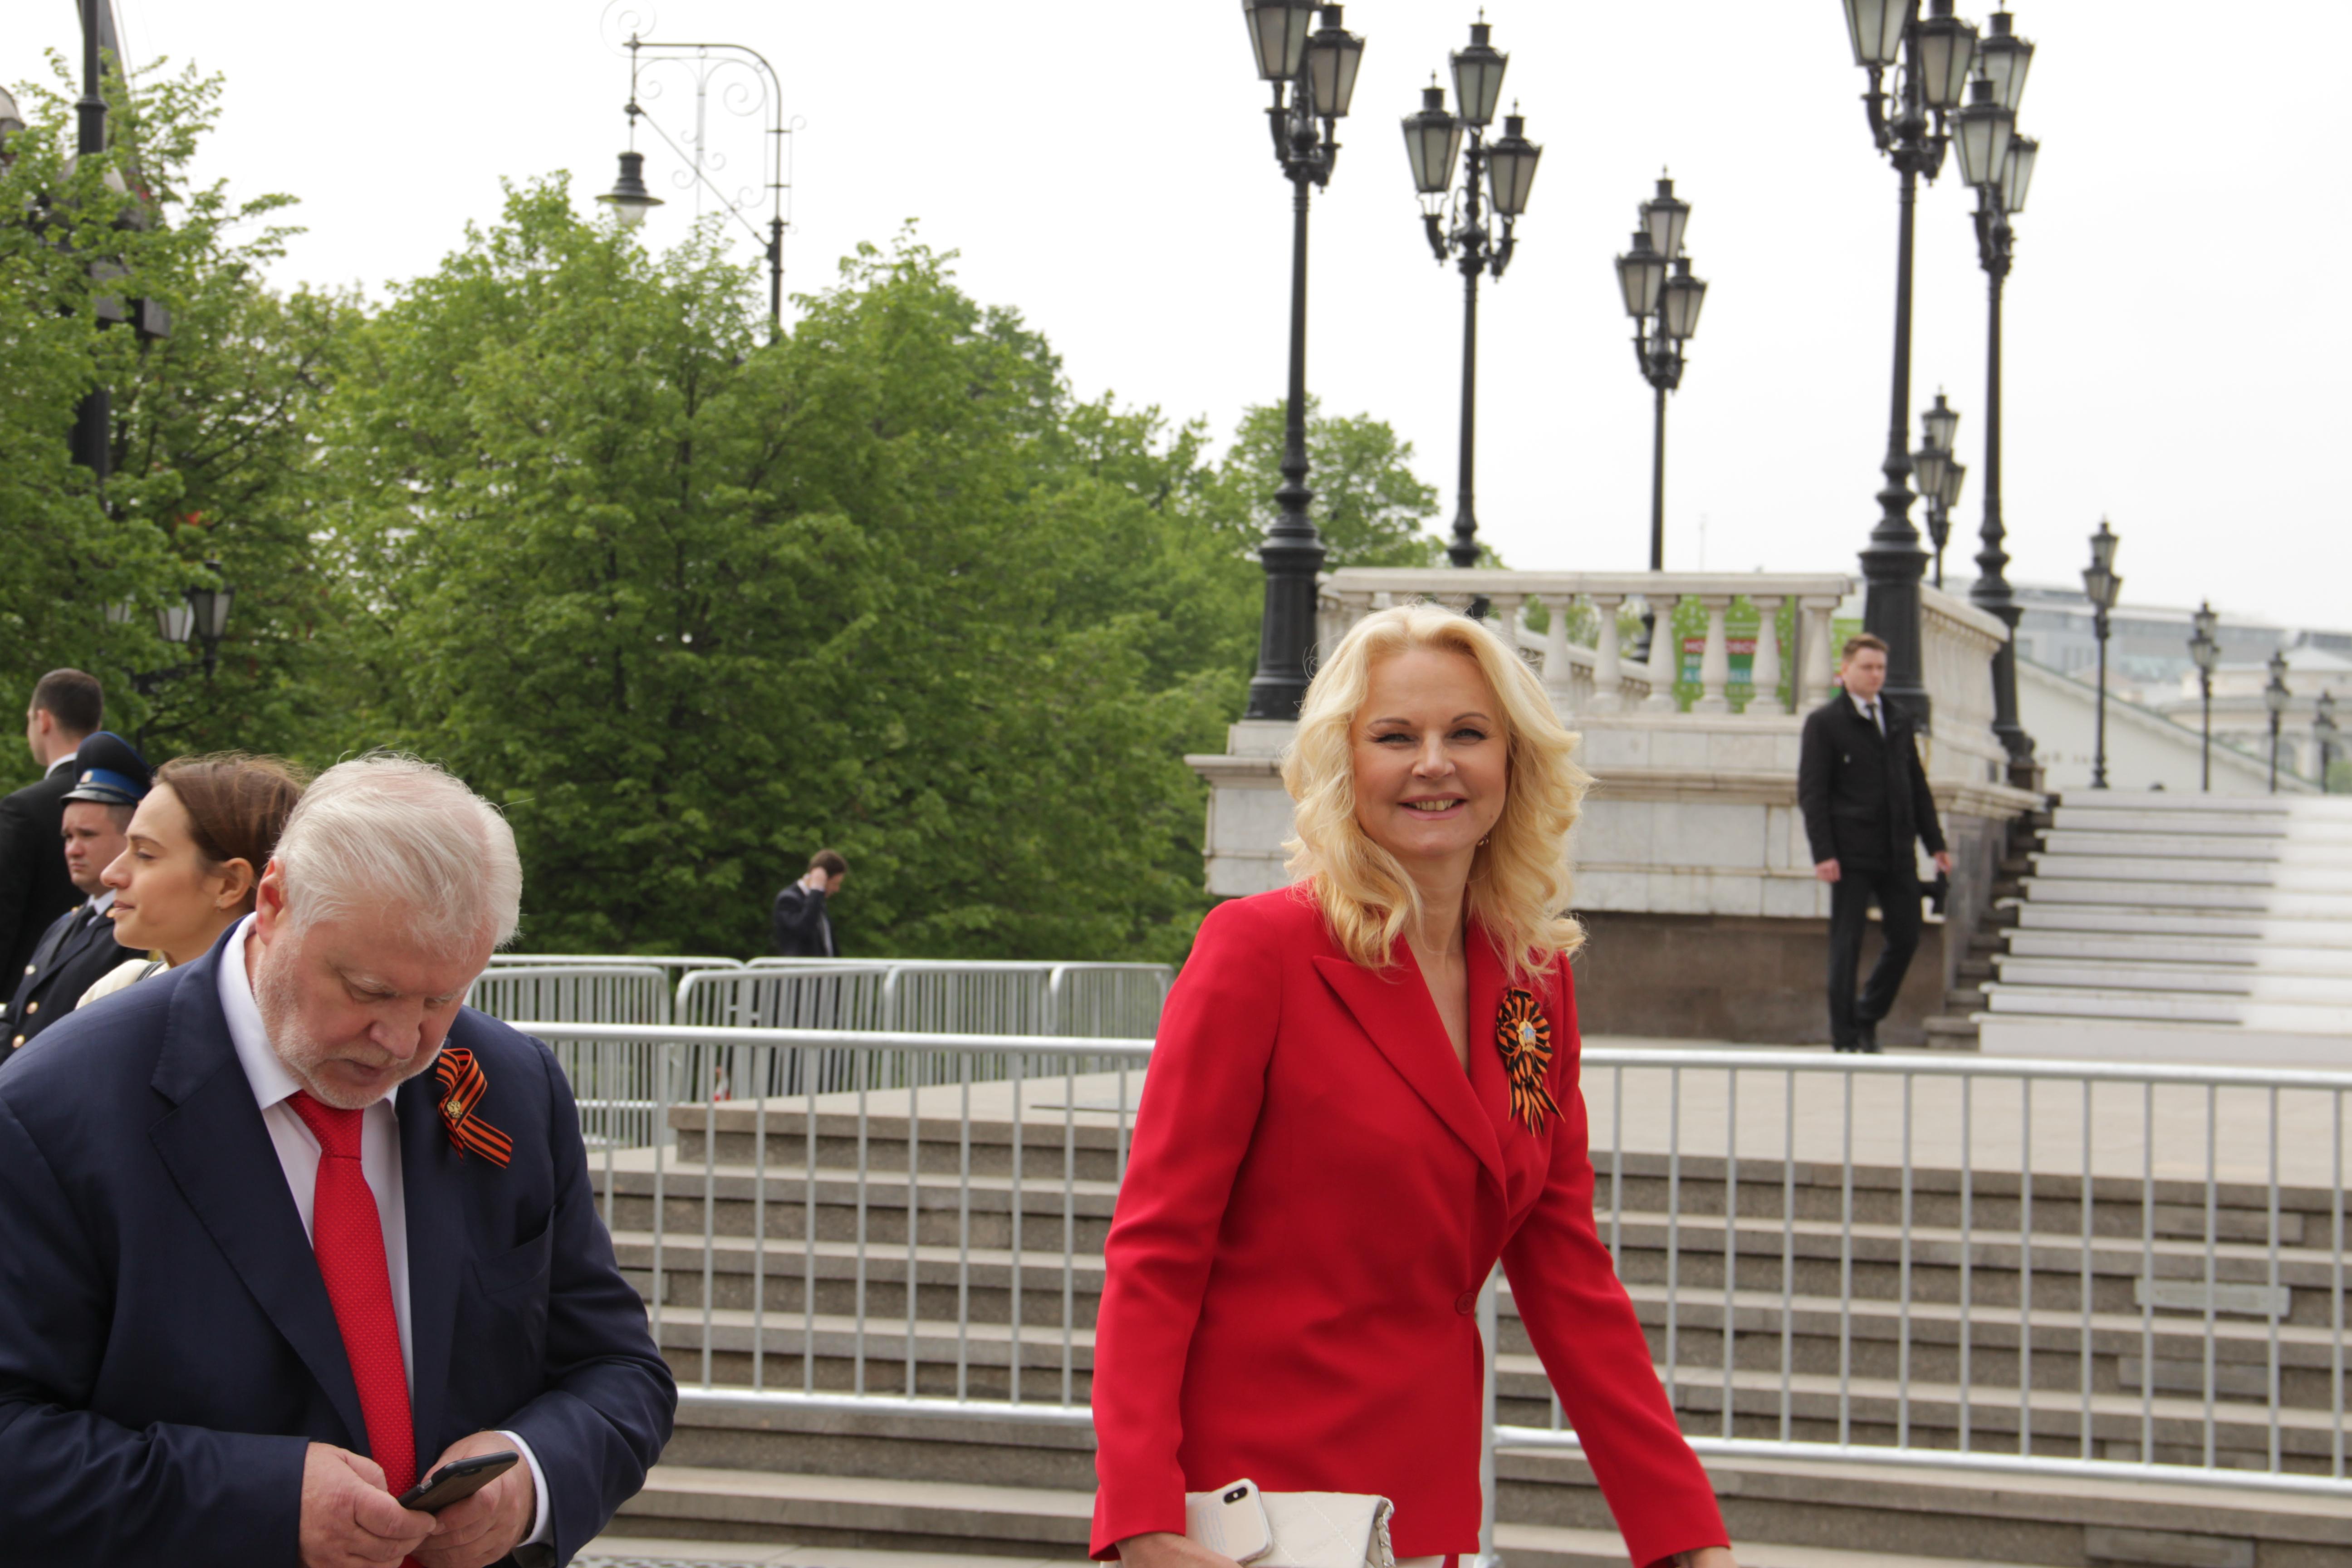 Парад Победы, военный, оркестр, Красная площадь, 2019, 9 мая, Голикова